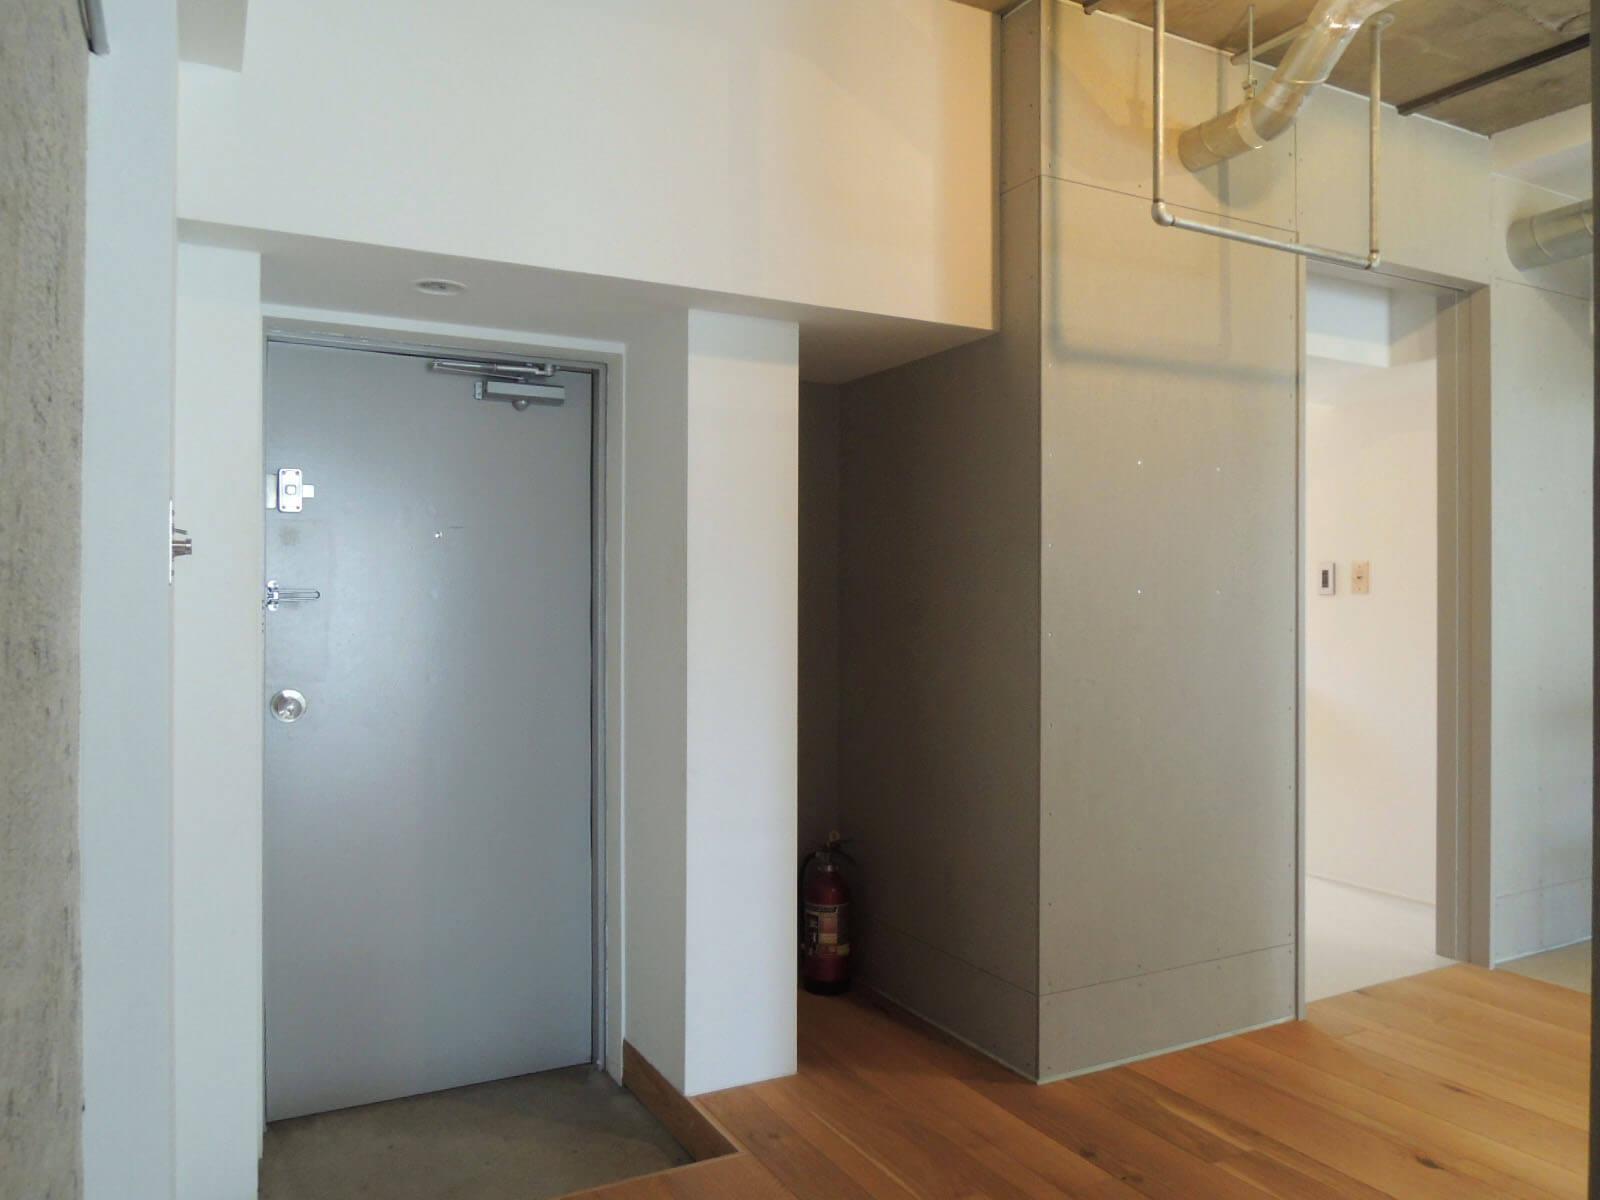 【家】左から、玄関 → 何かの置場に生かしたいくぼみ → バス洗面入口